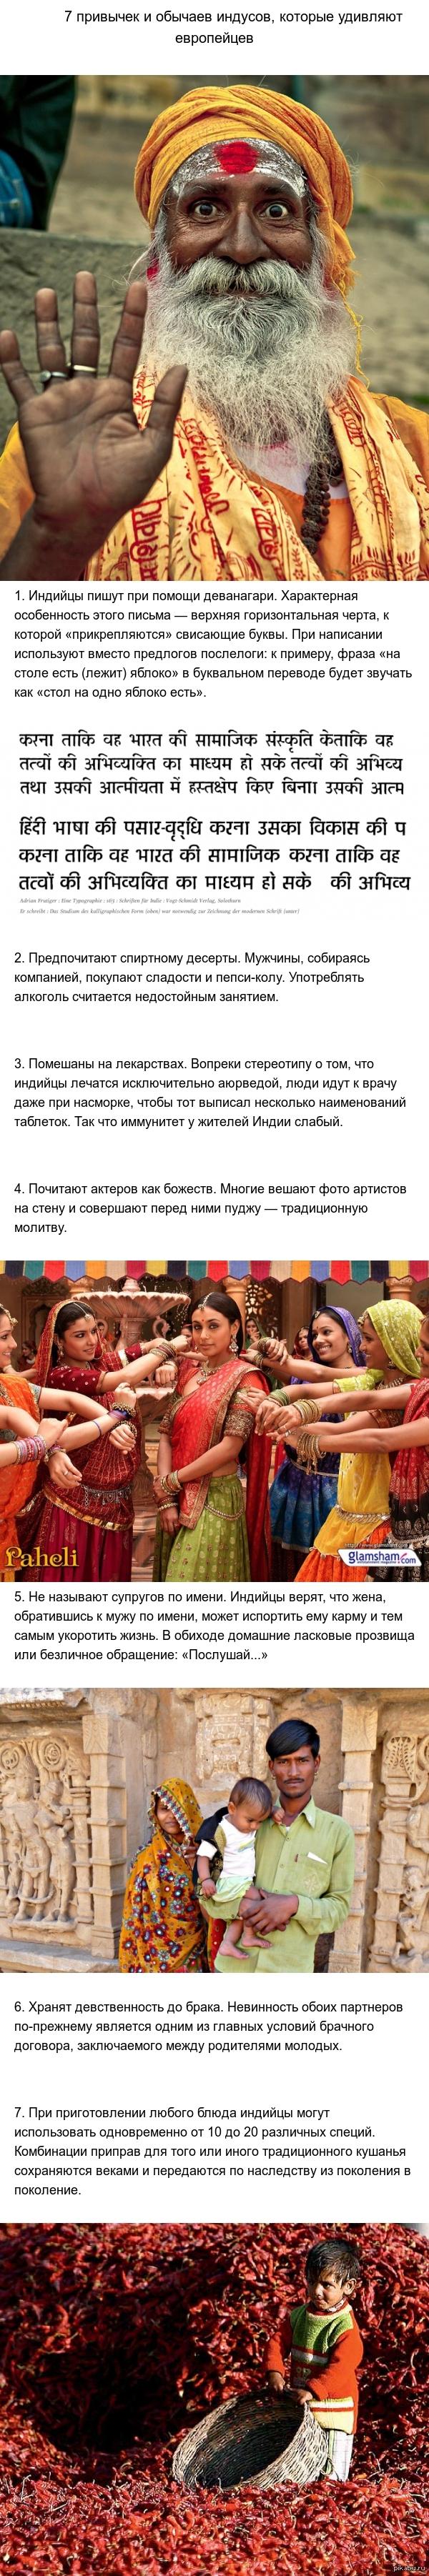 Индус особенности секса